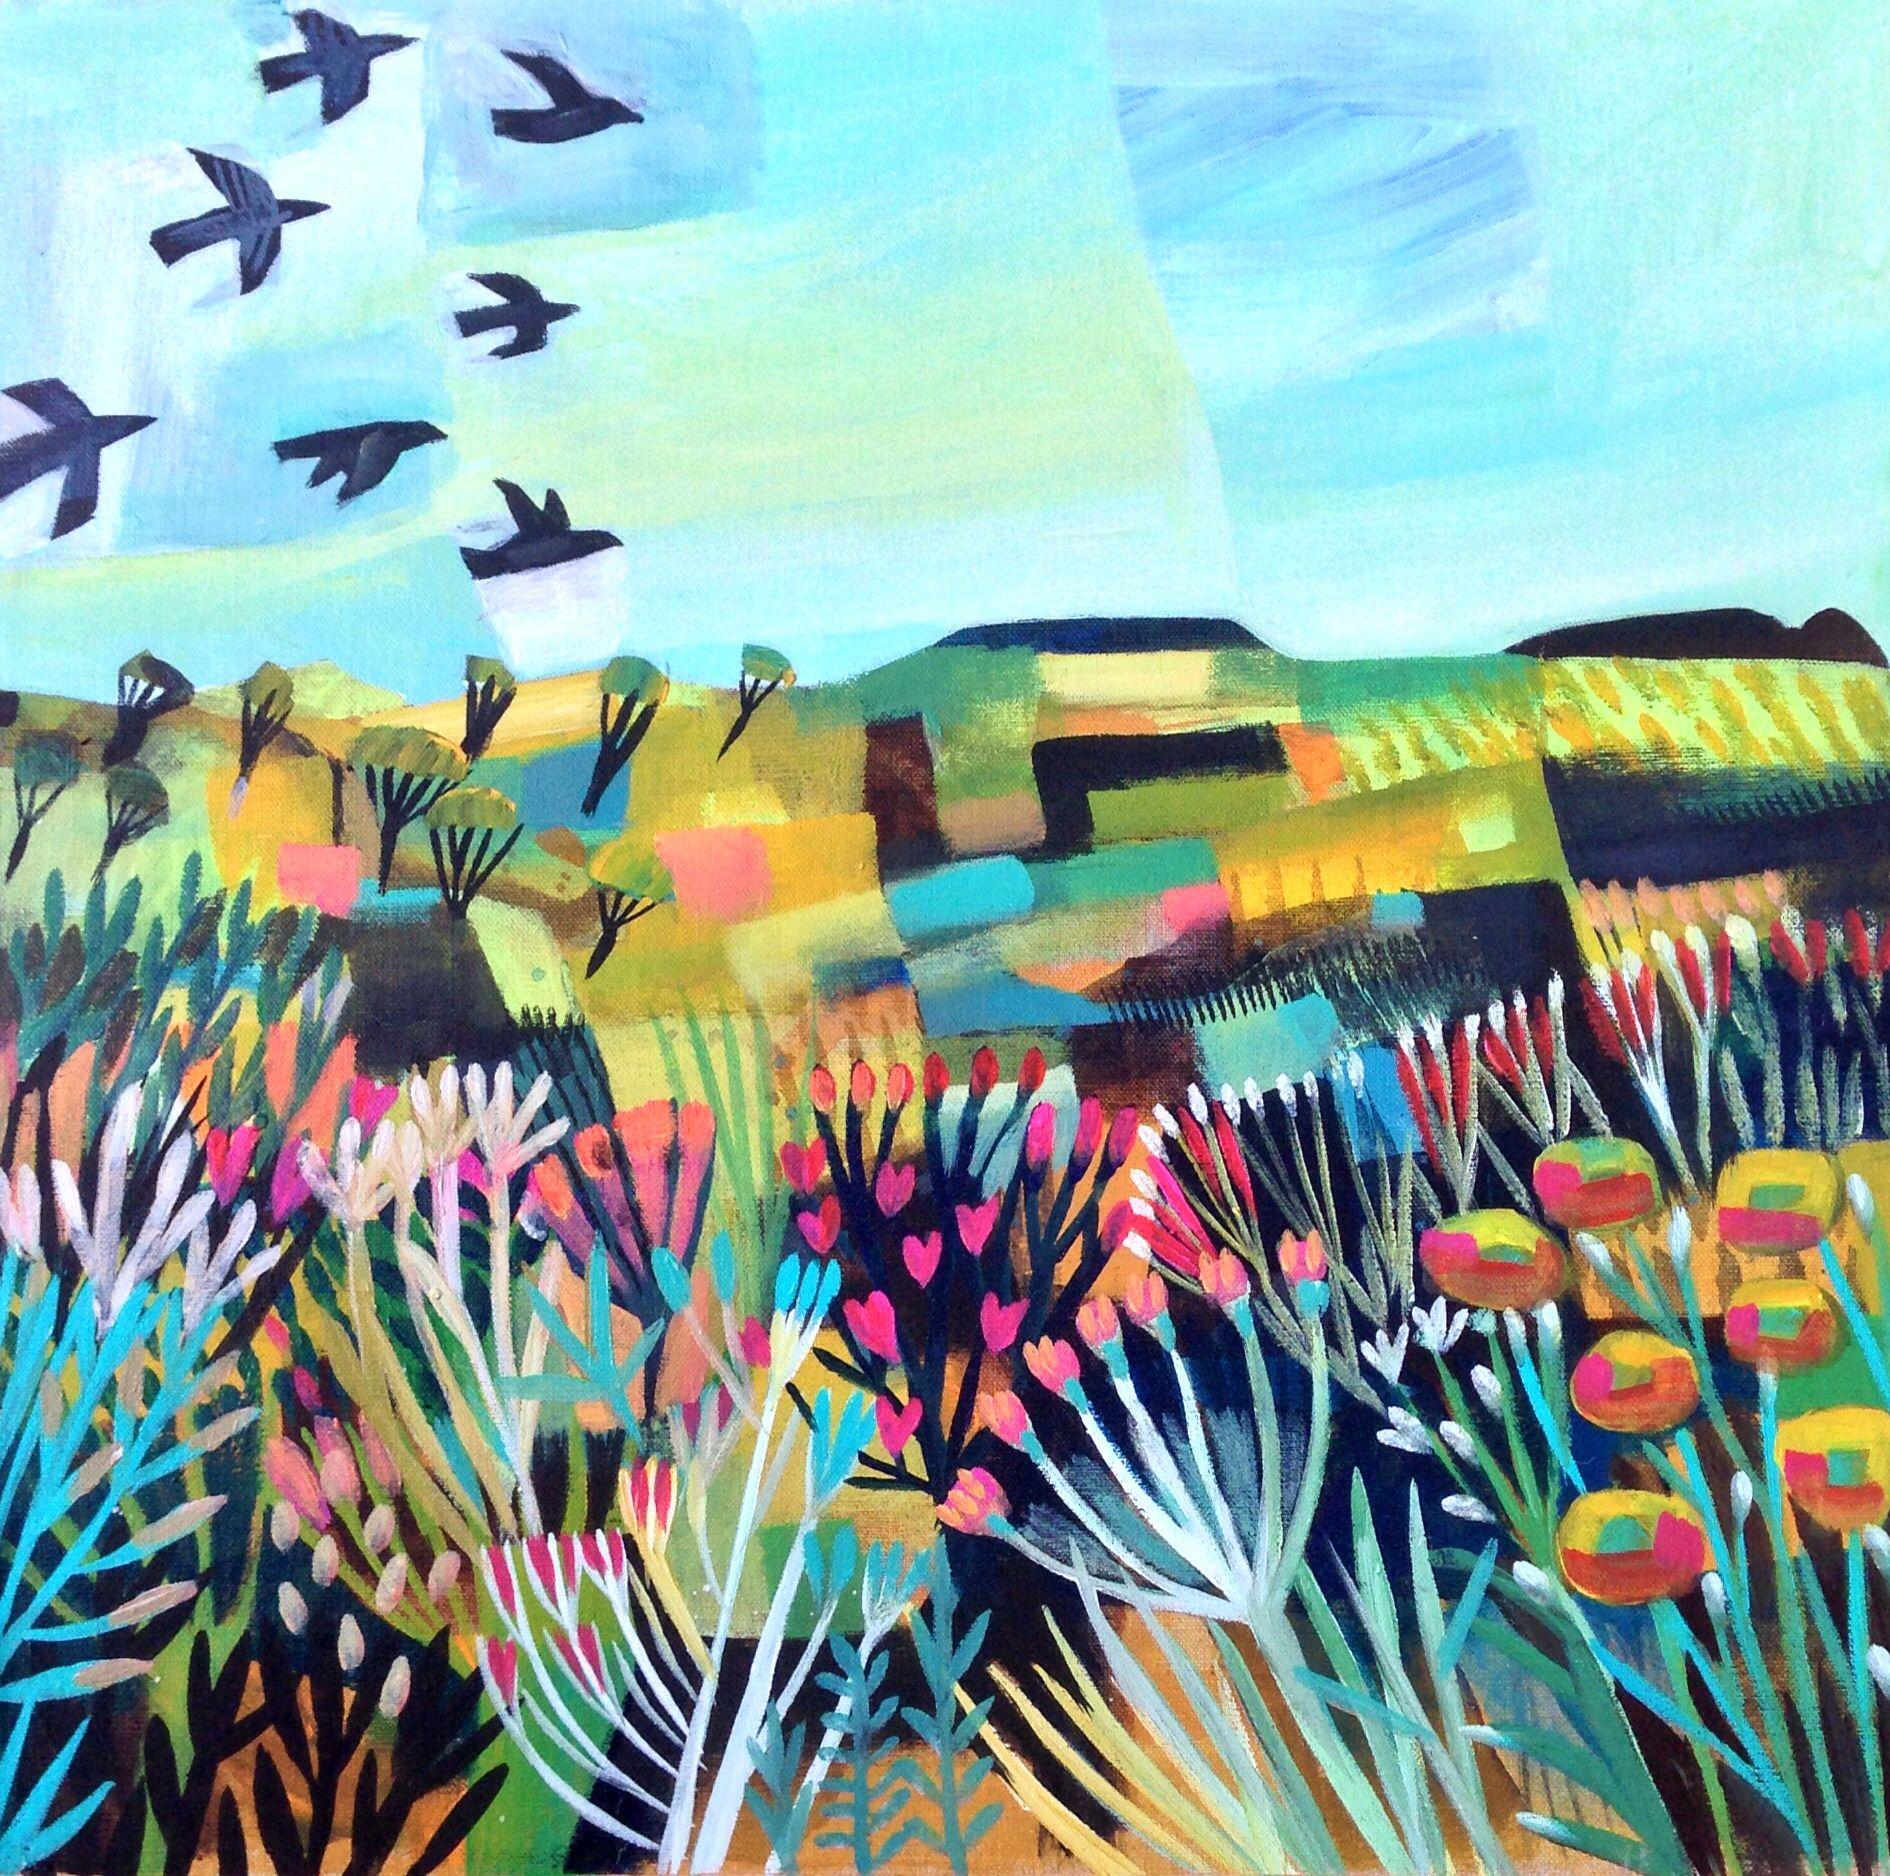 Free As A Bird Acrylic On Canvas 59x50cm Este Macleod Art Art Painting Whimsical Art